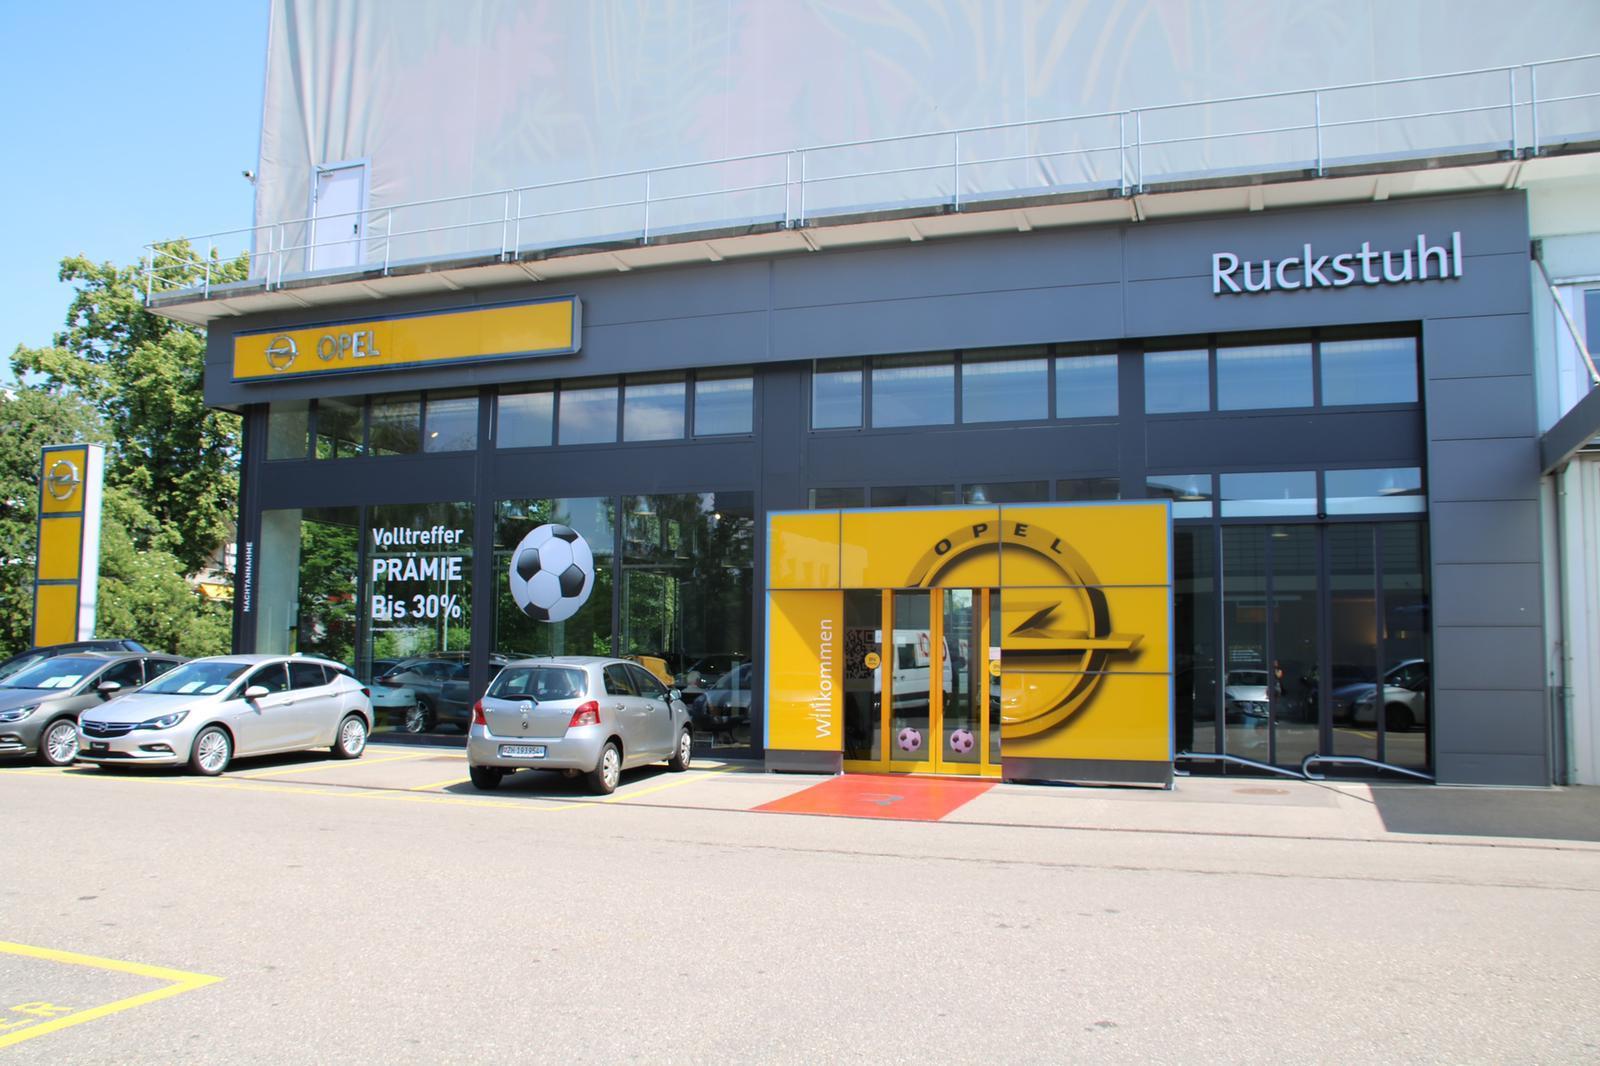 Referenz Elektronische Schliessanlage Schlüsseldienst Zürich Opel Ruckstuhl Kloten